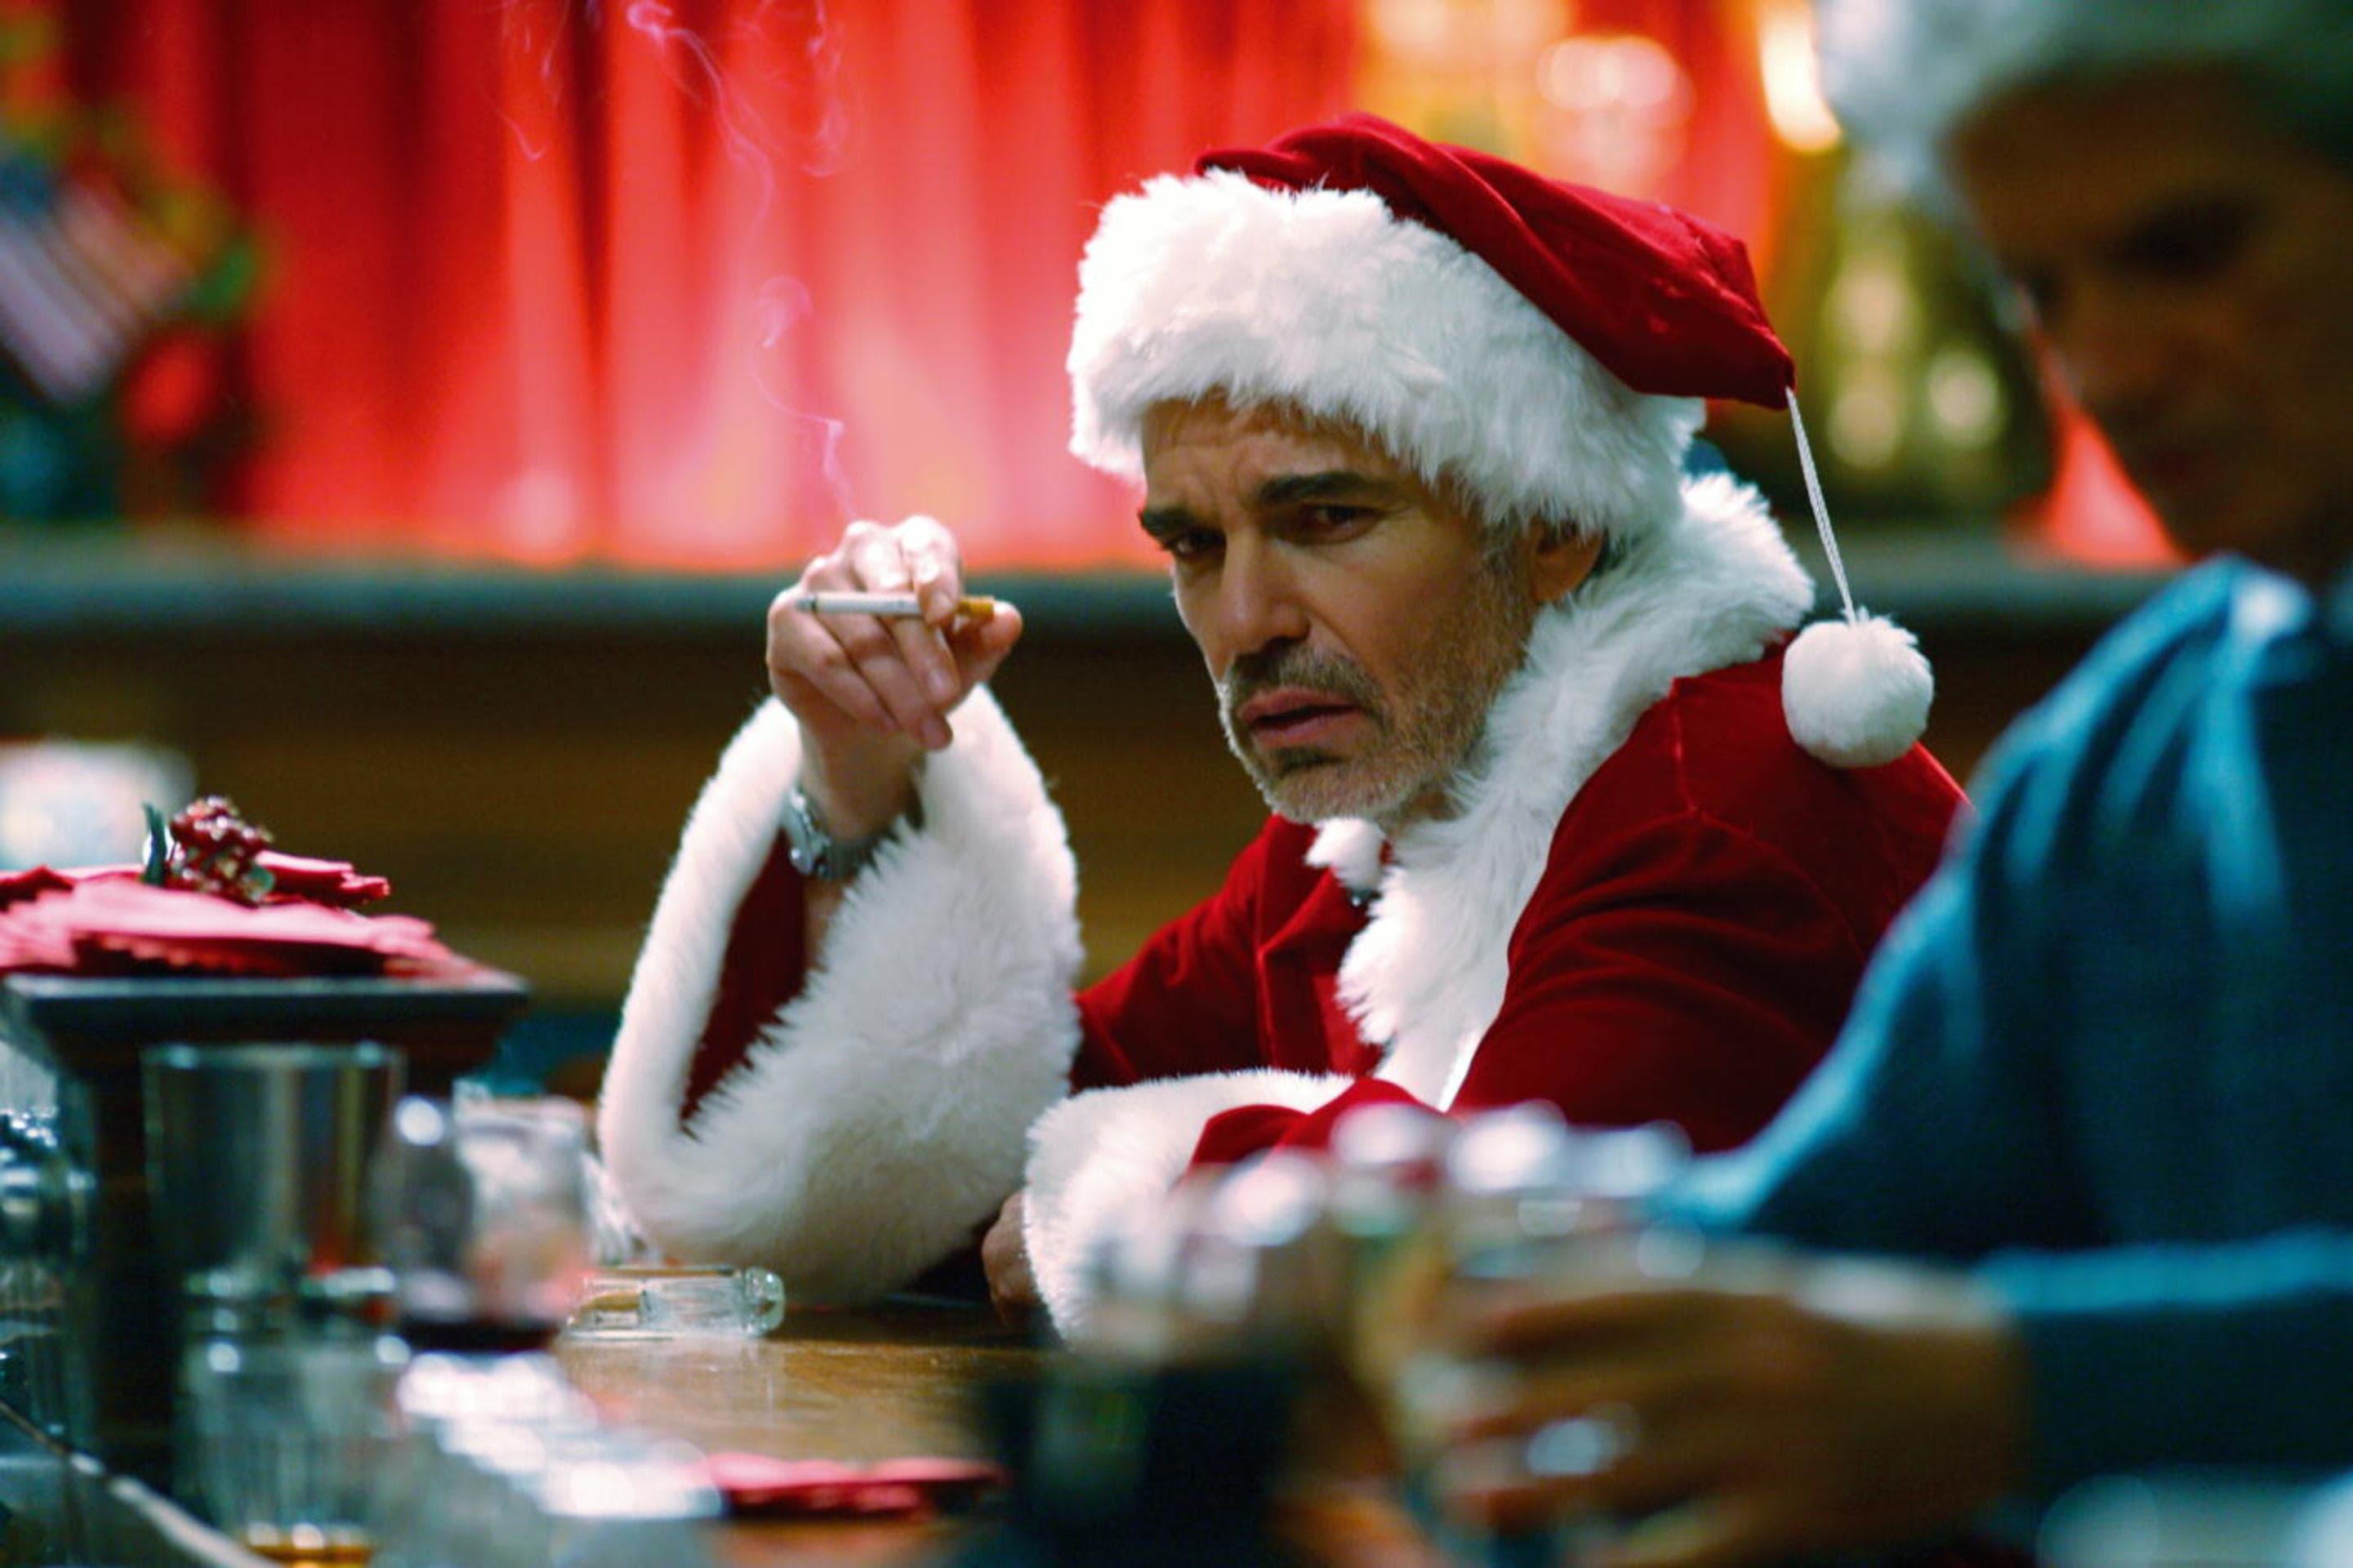 Bad Santa 2 Full hd wallpapers